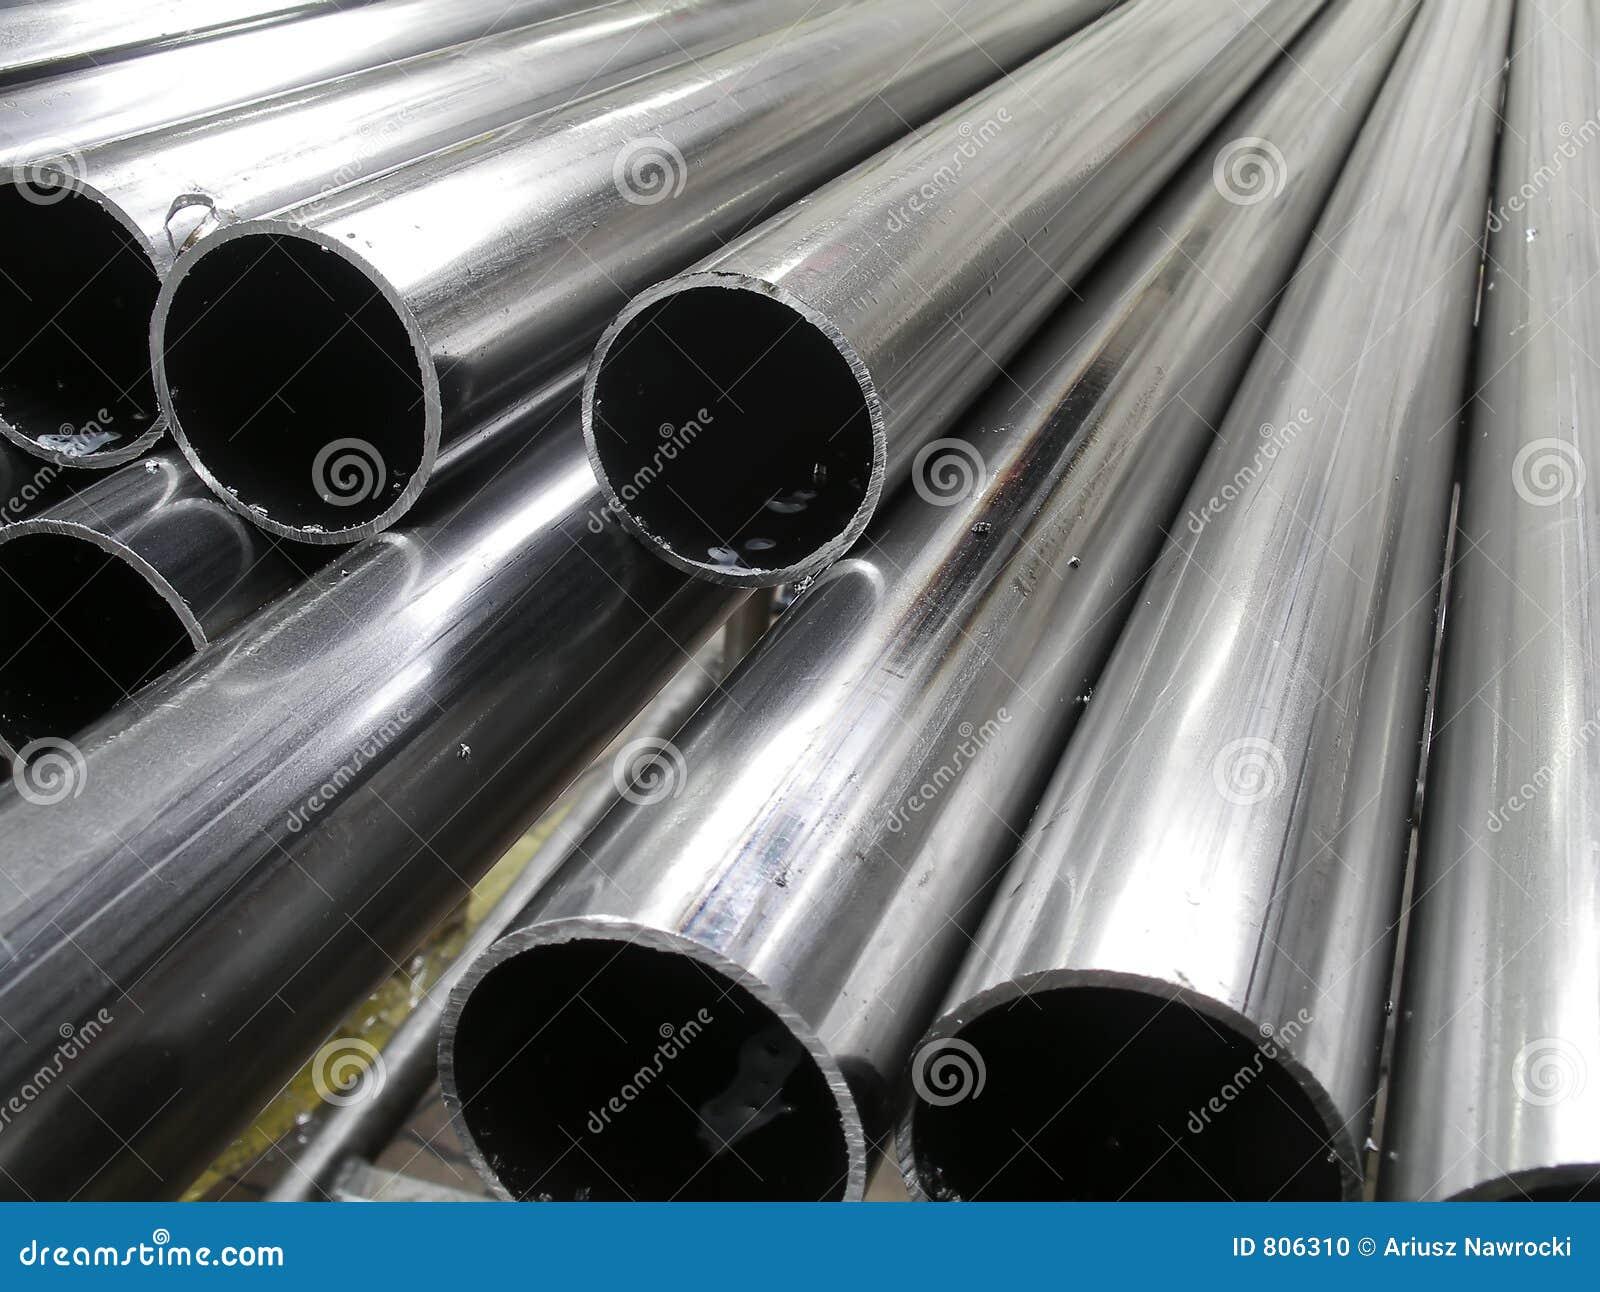 Tubi Di Alluminio Fotografia Stock - Immagine: 806310